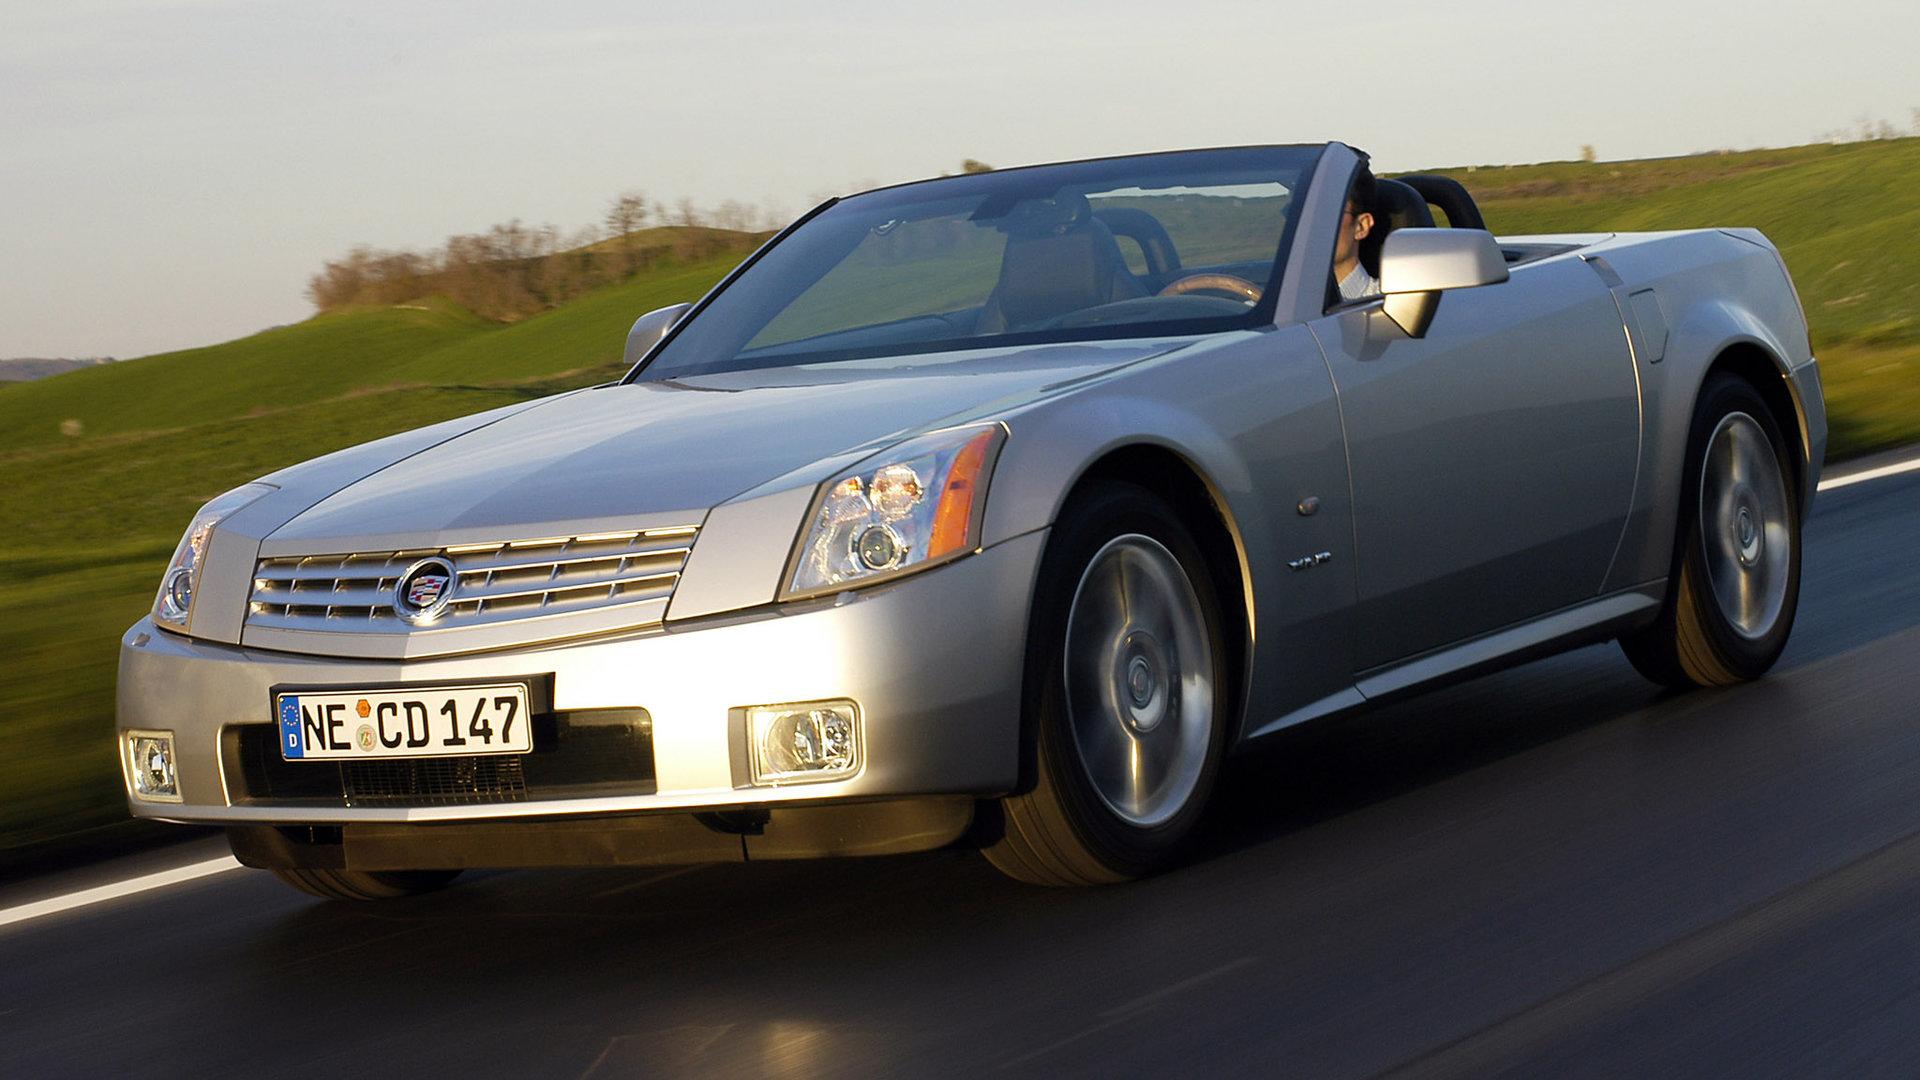 Coche del día: Cadillac XLR